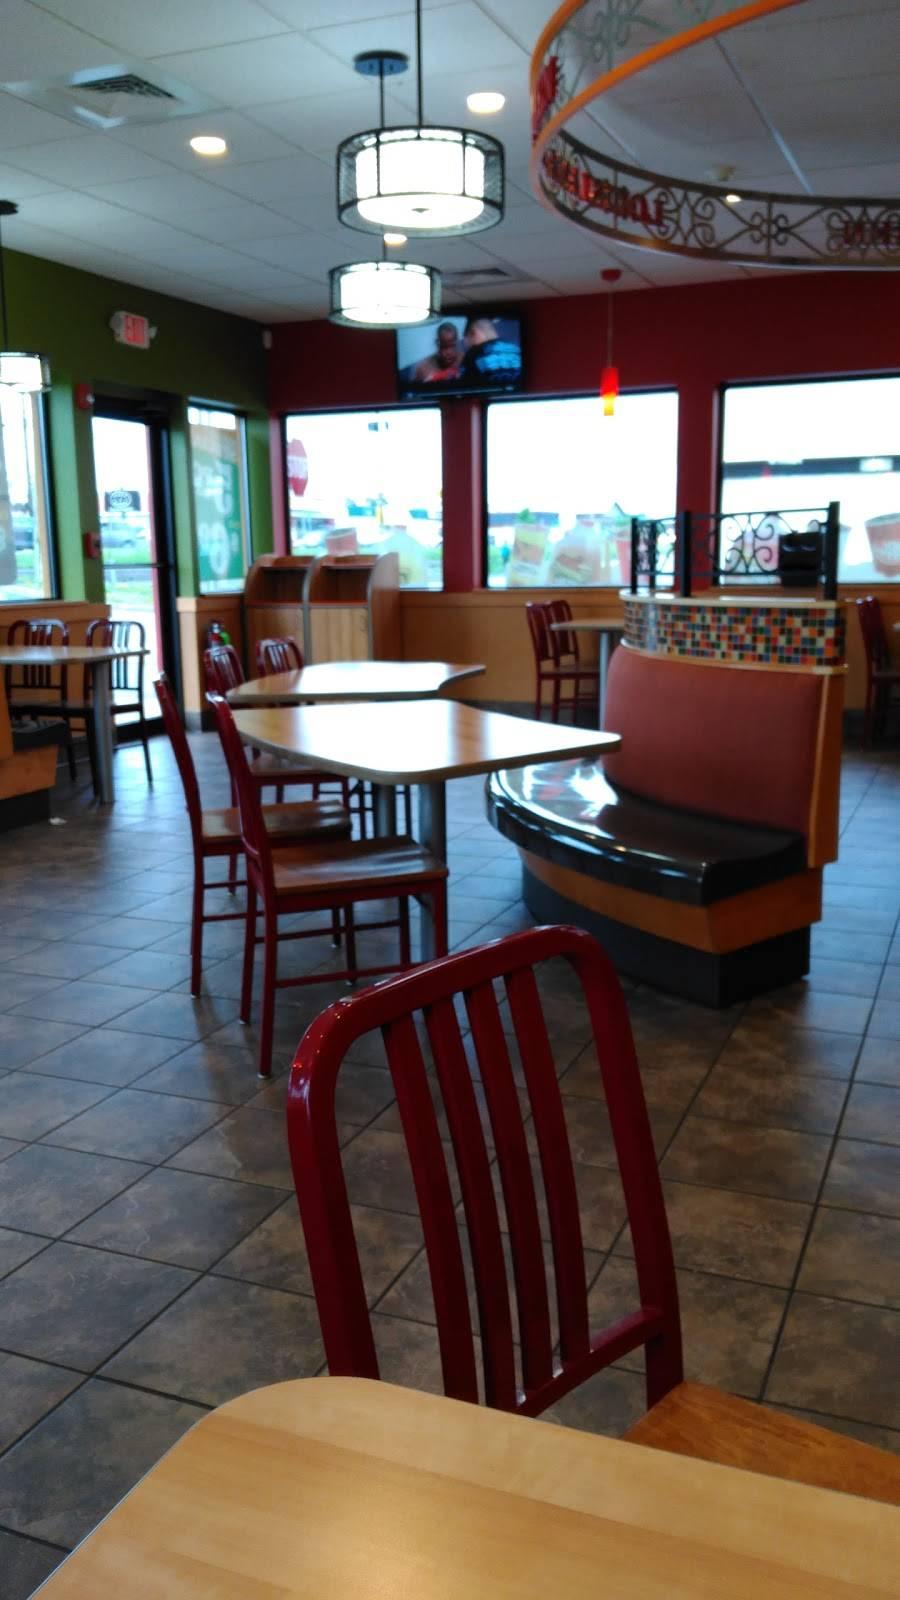 Popeyes Louisiana Kitchen   restaurant   264 Route 211 E, Middletown, NY 10940, USA   8453411076 OR +1 845-341-1076